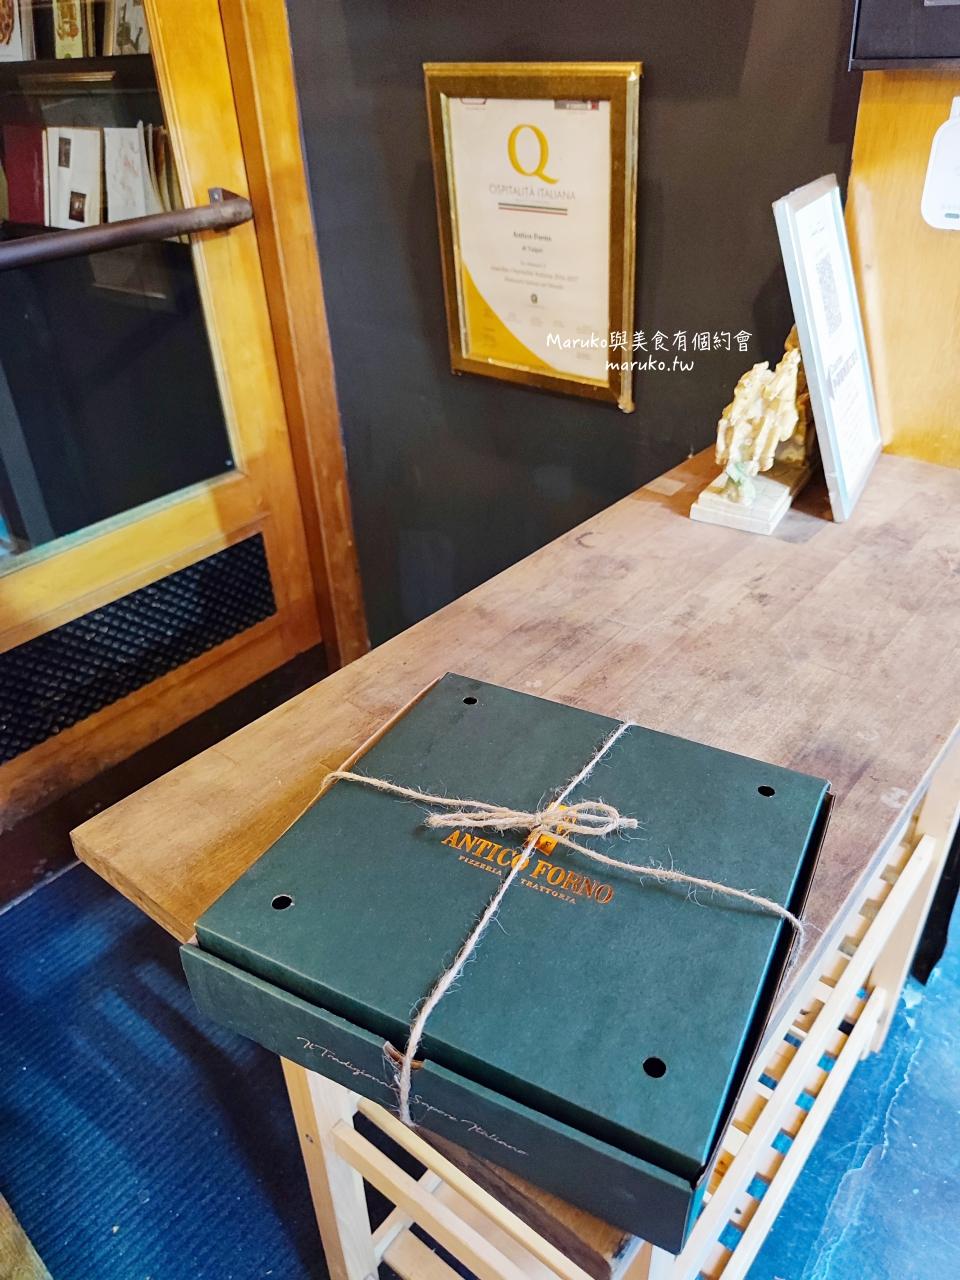 【台北】Antico Forno 老烤箱義式披薩餐酒 紅蝦評鑑餐廳推薦 捷運大安站美食 @Maruko與美食有個約會